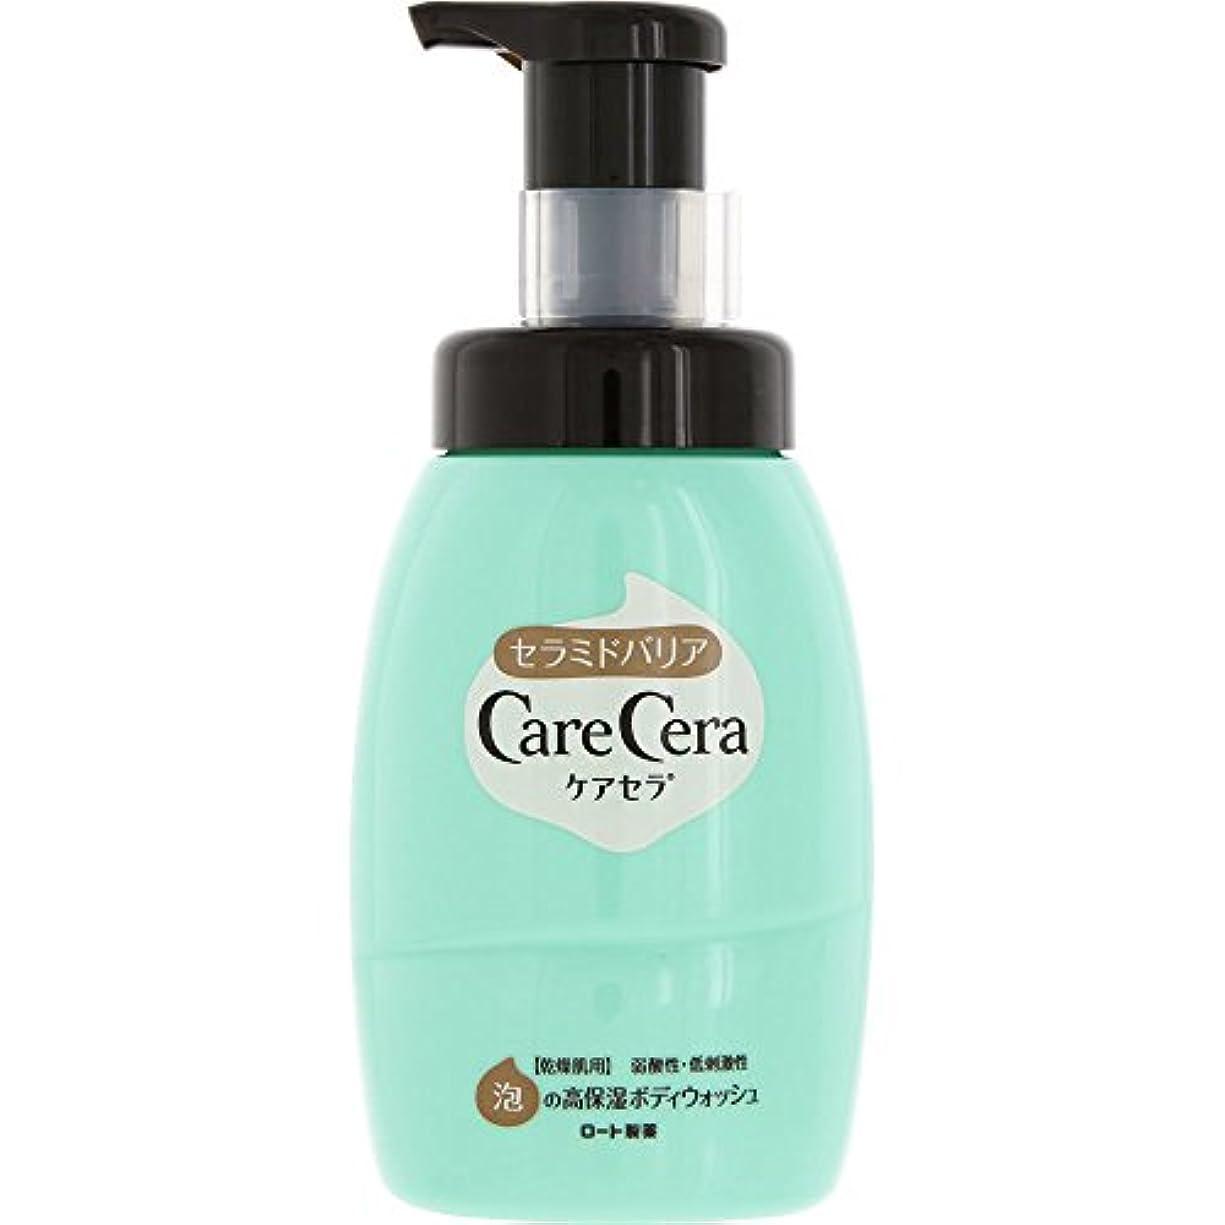 タンク改修する読書ケアセラ(CareCera) ロート製薬 ケアセラ  天然型セラミド7種配合 セラミド濃度10倍泡の高保湿 全身ボディウォッシュ ピュアフローラルの香り お試し企画品 300mL